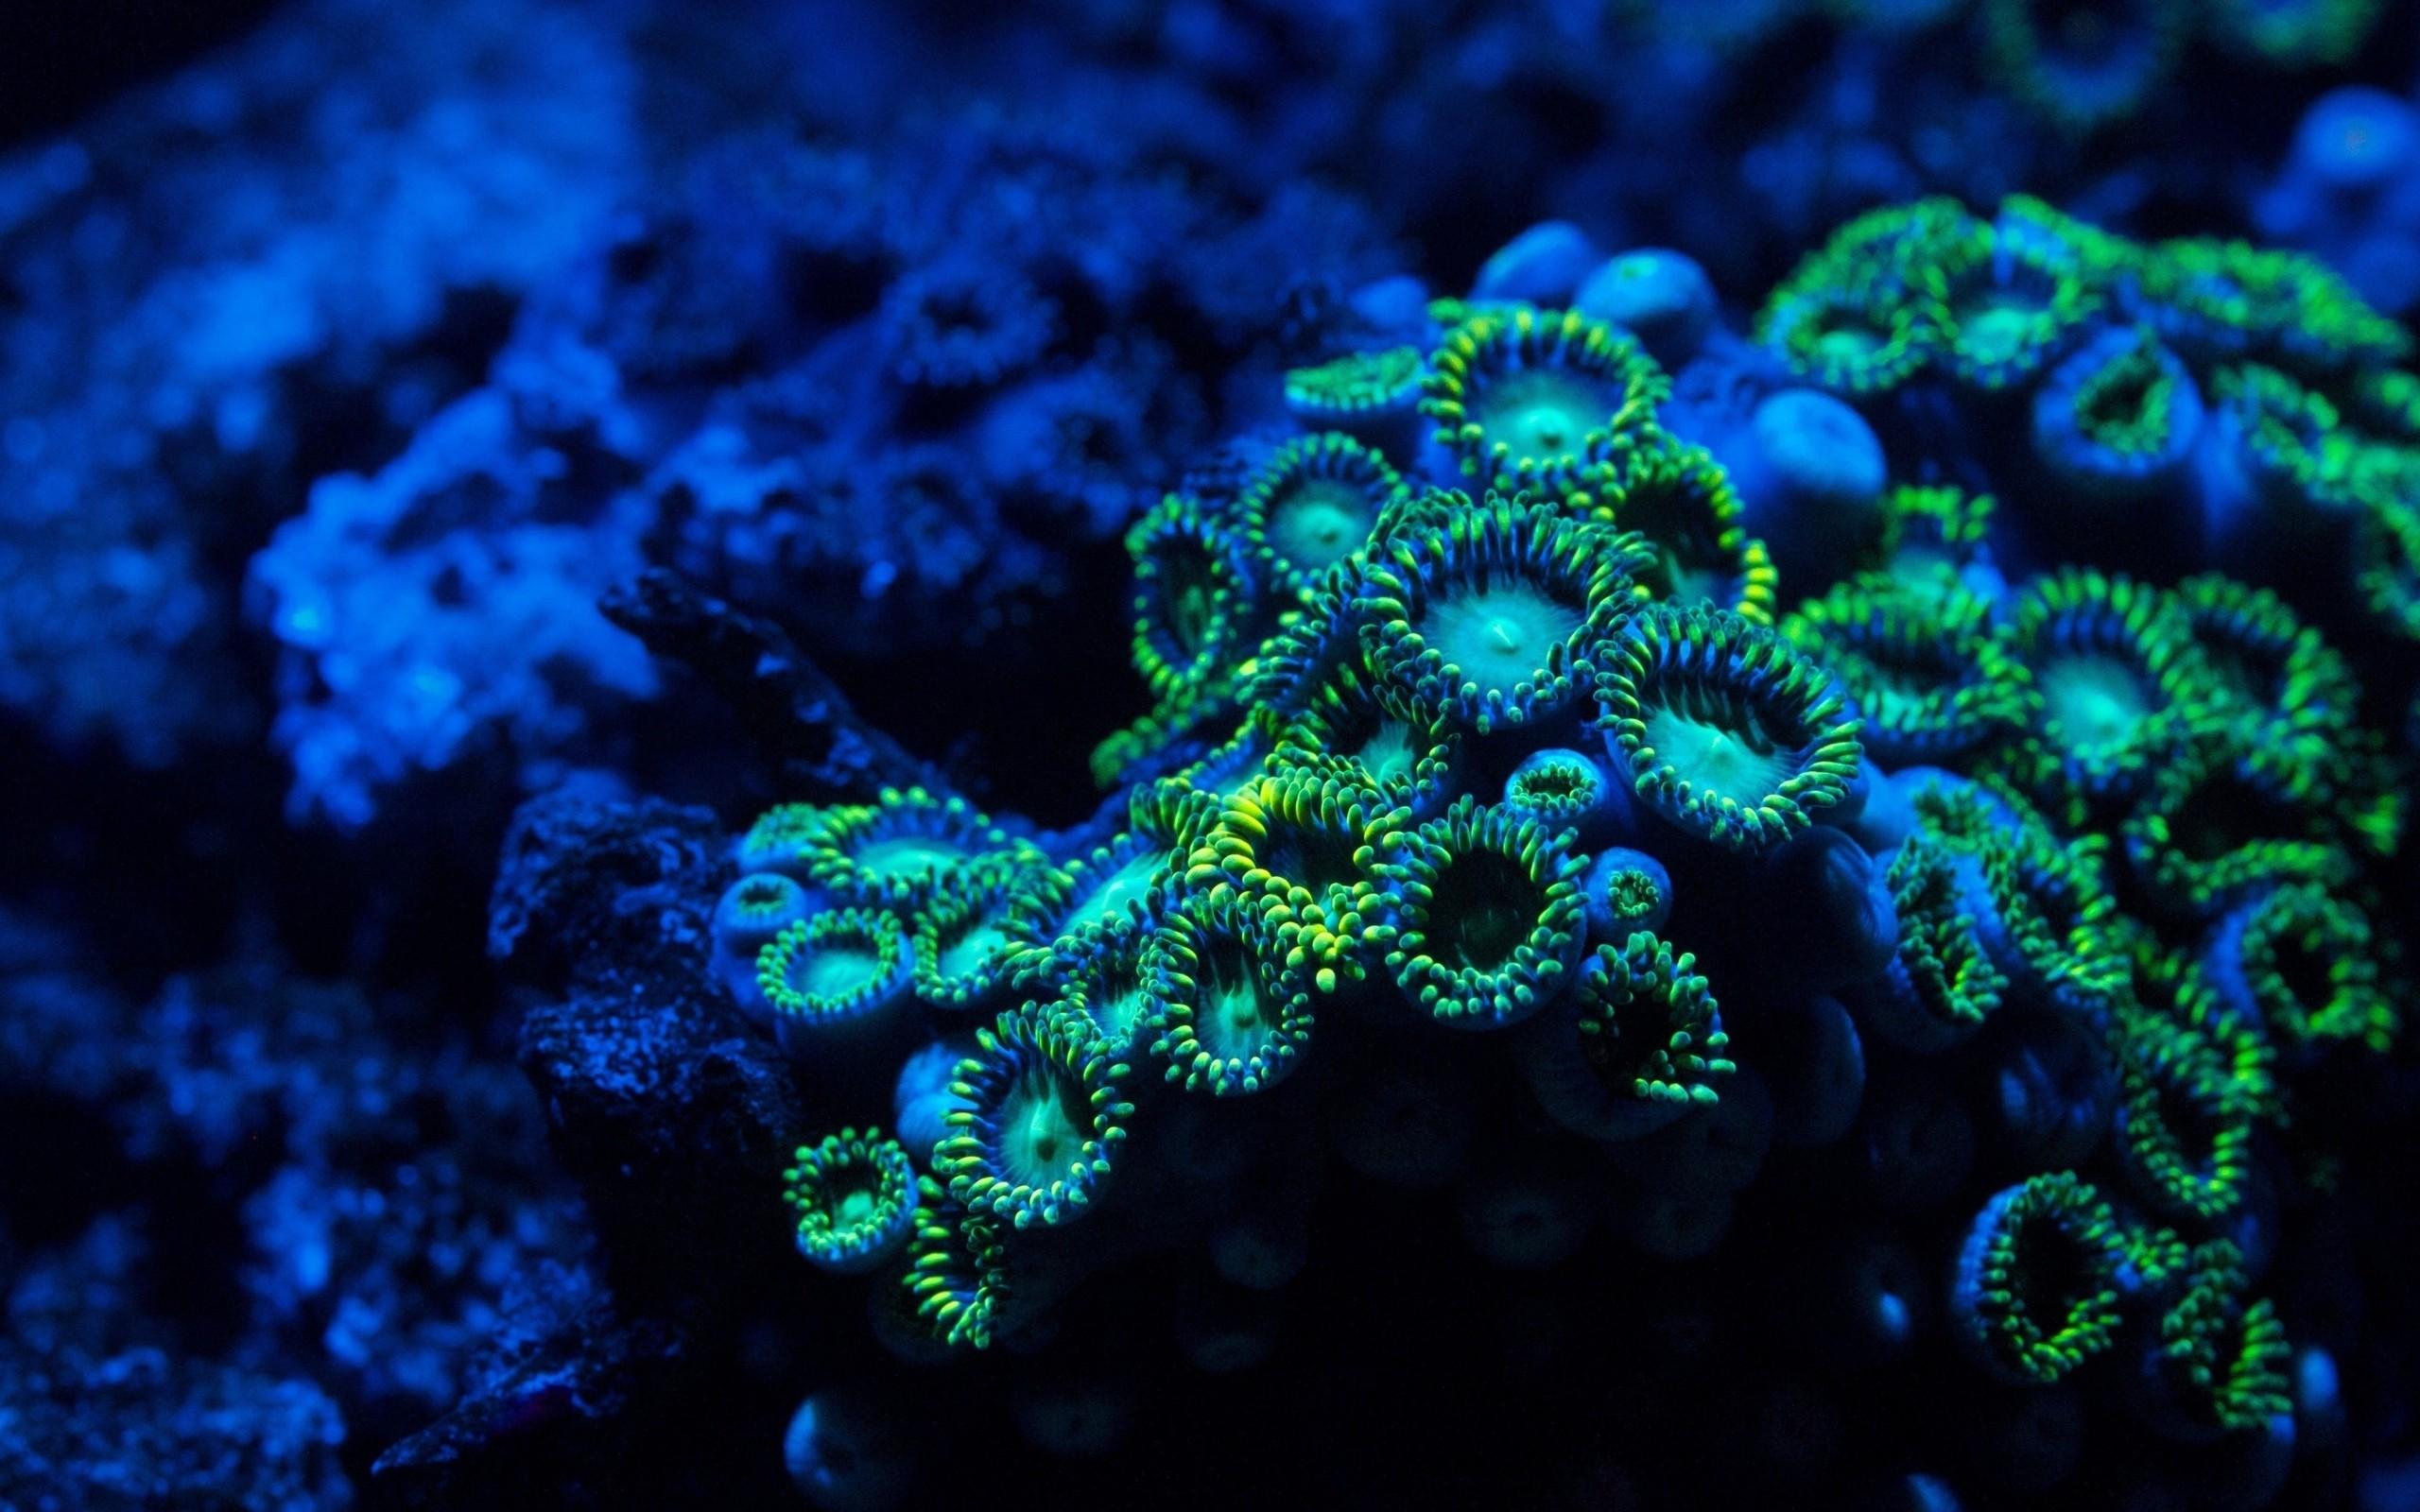 Underwater plants wallpaper | 2560x1600 | 2853 | WallpaperUP